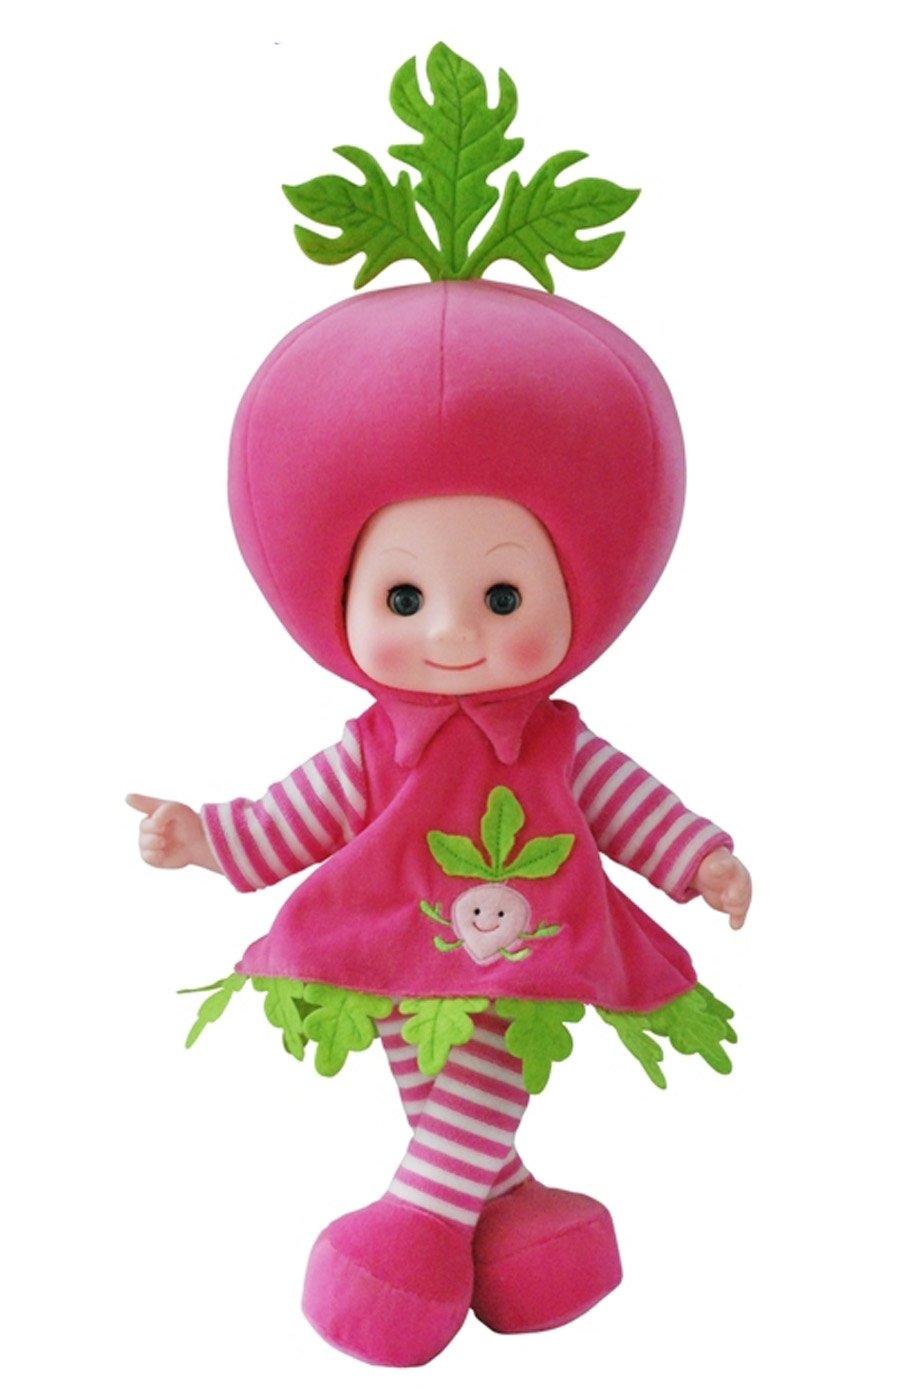 免子娃娃很美最可爱图片